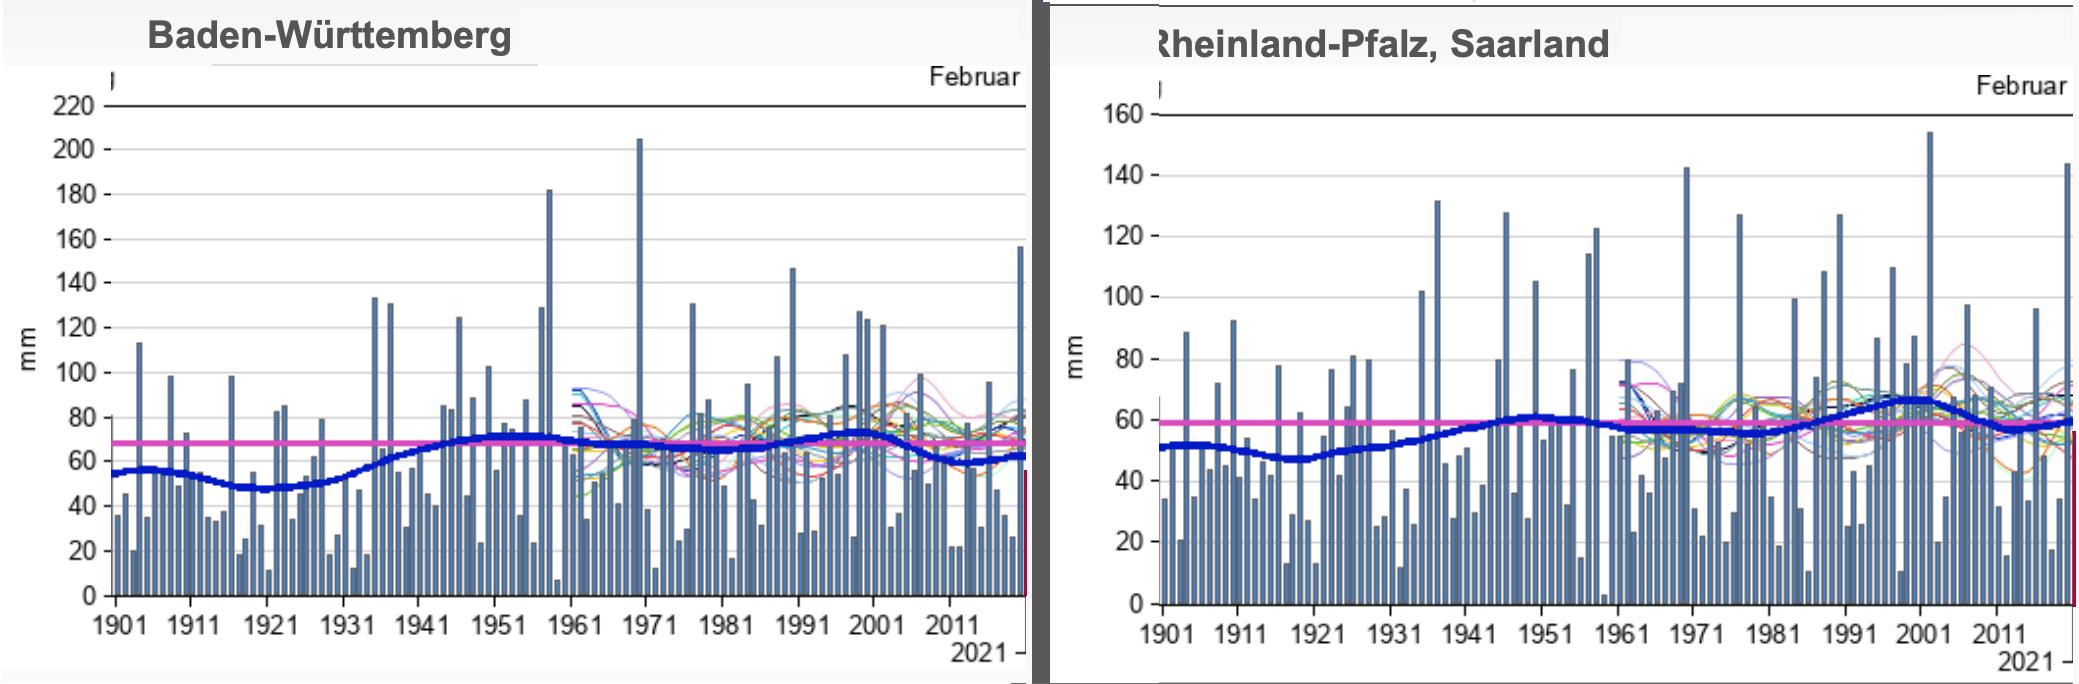 Neerslaggegevens van twee deelstaten in Duitsland binnen het stroomgebied van de Rijn sinds 1901 (de bleuwe lijn is het langjarig gemiddelde).